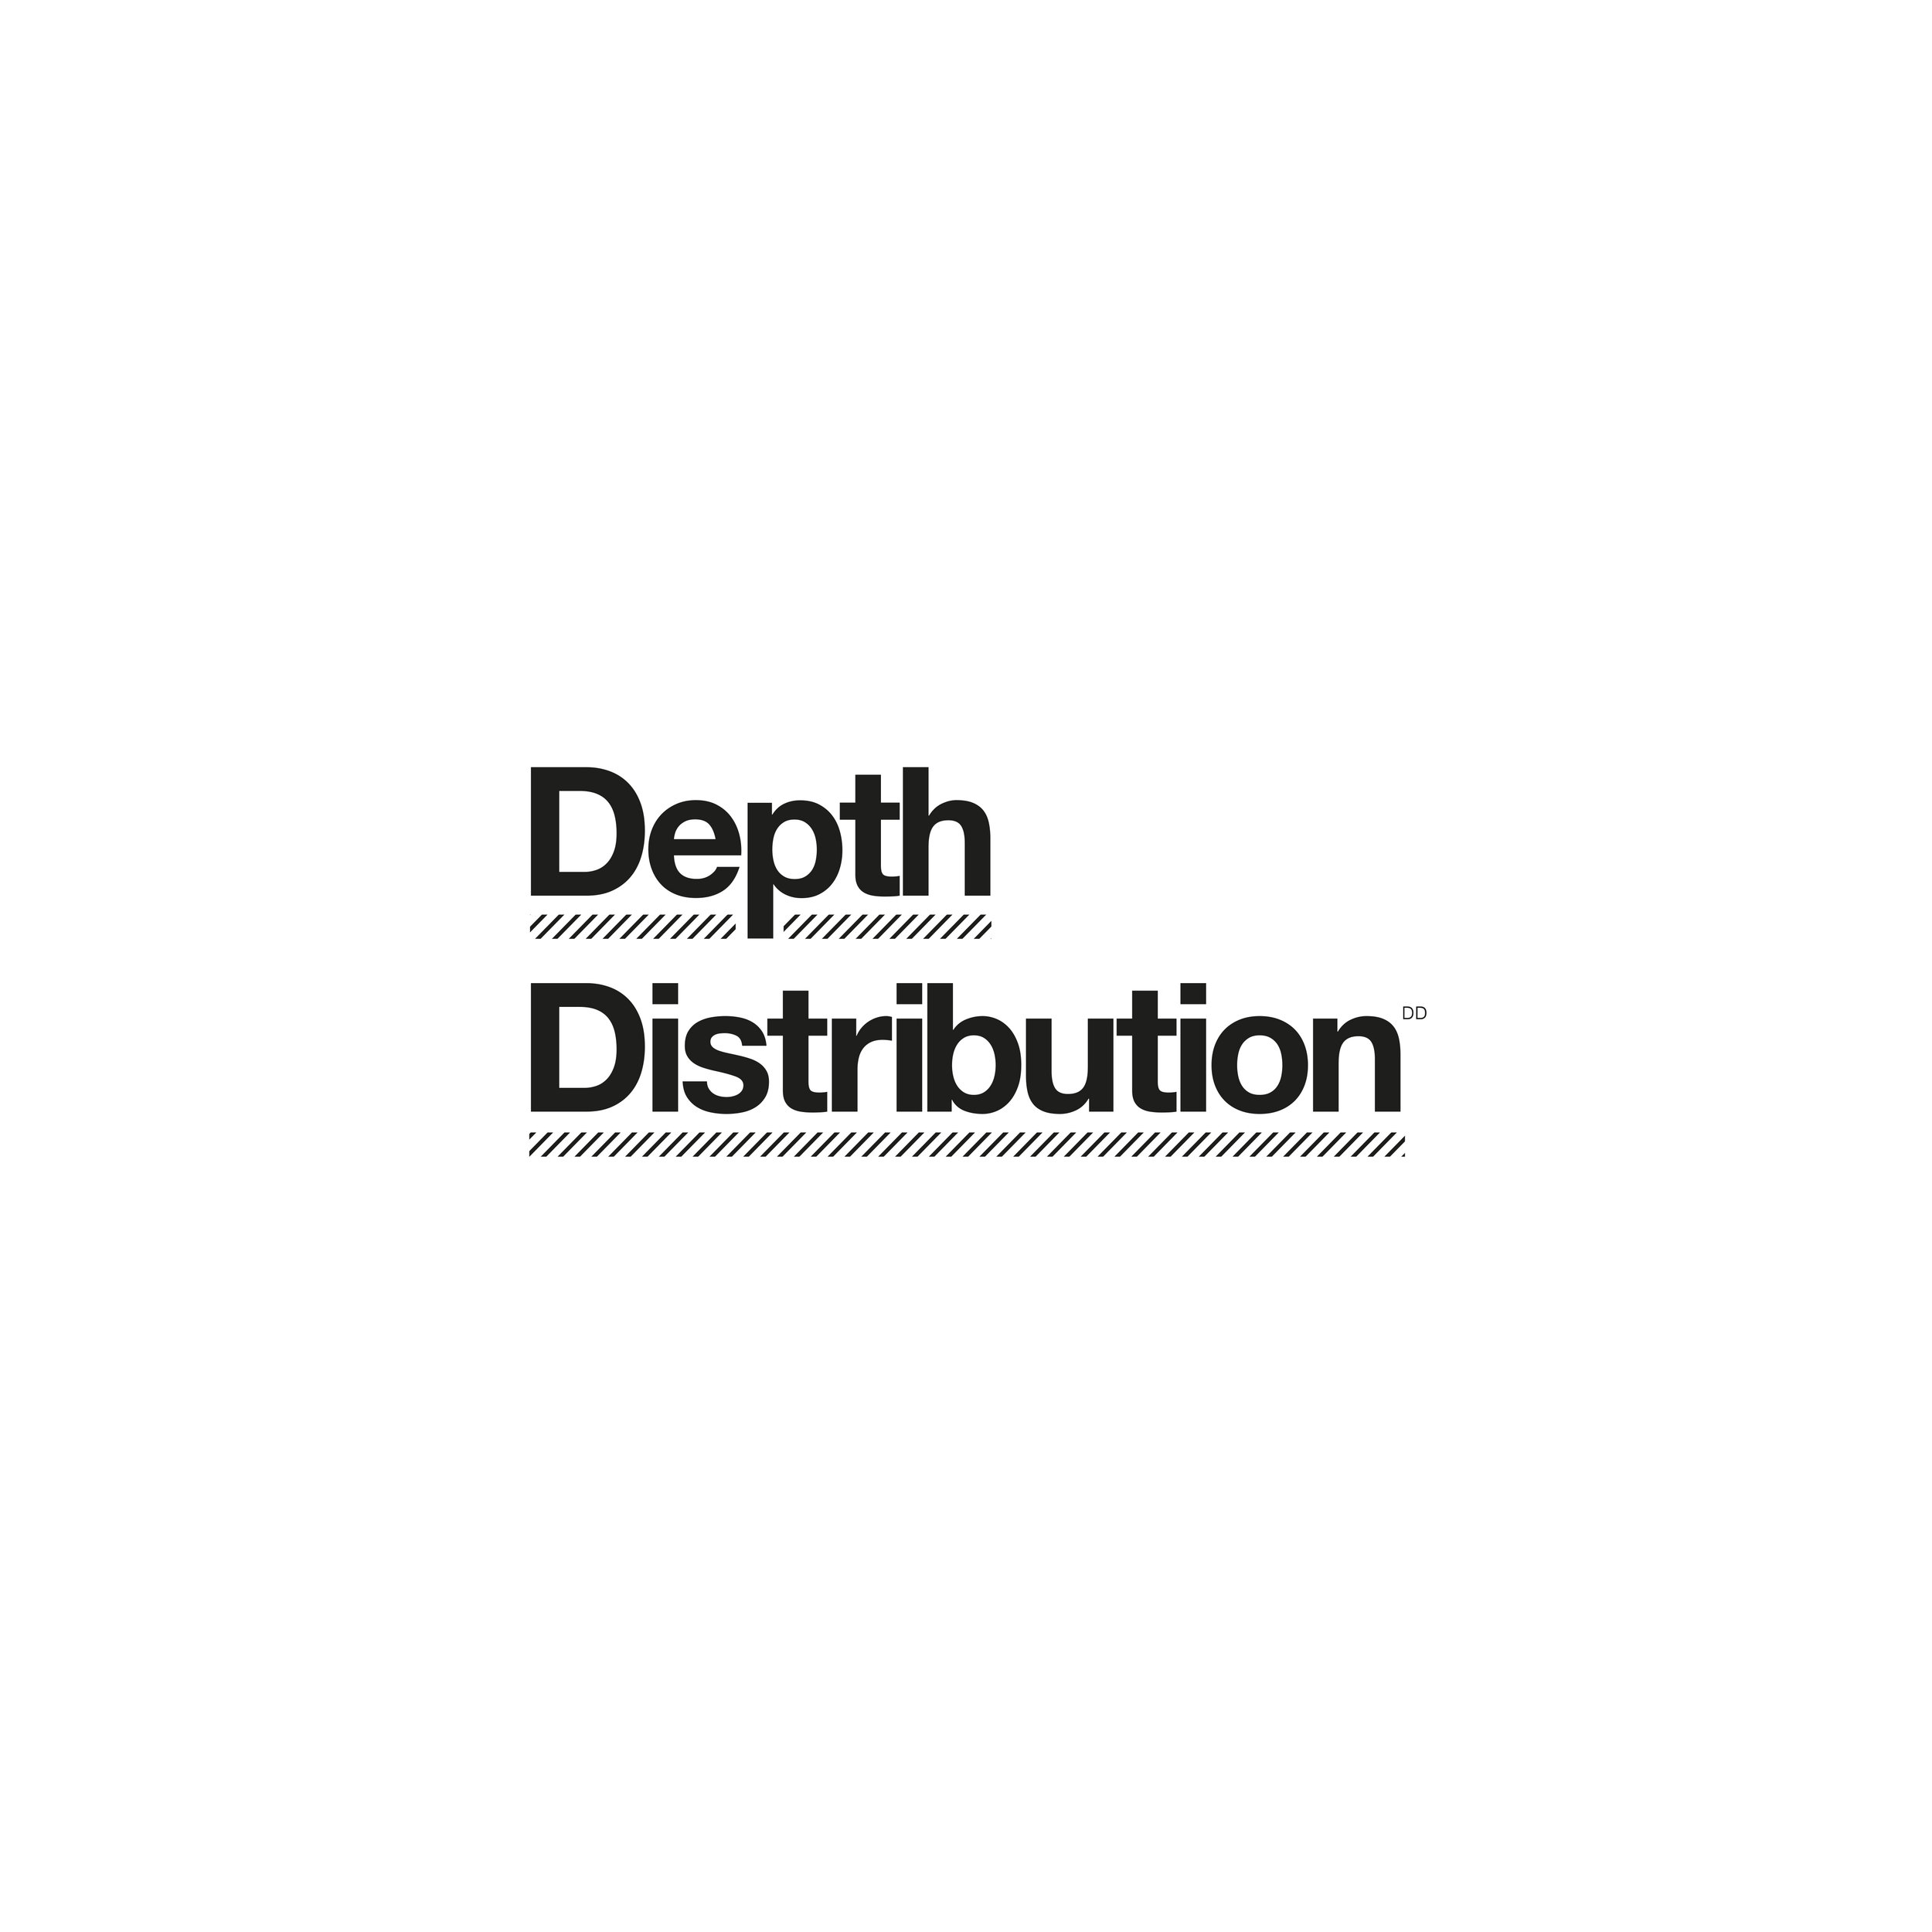 DEPTH-LOGO-black&white-WEBSITE.jpg